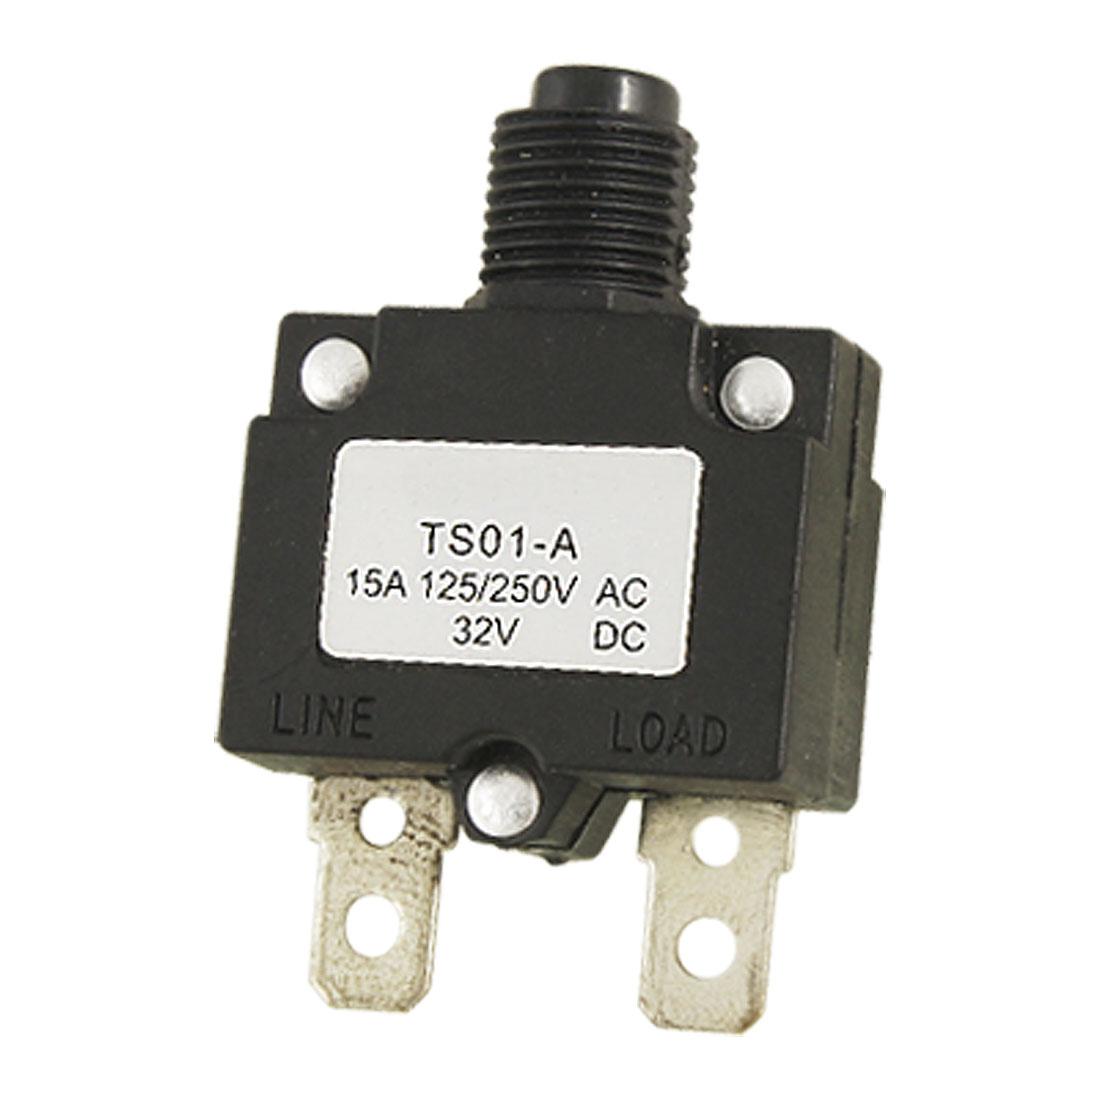 AC 125/250V 15A Air Compressor Circuit Breaker Overload Protector